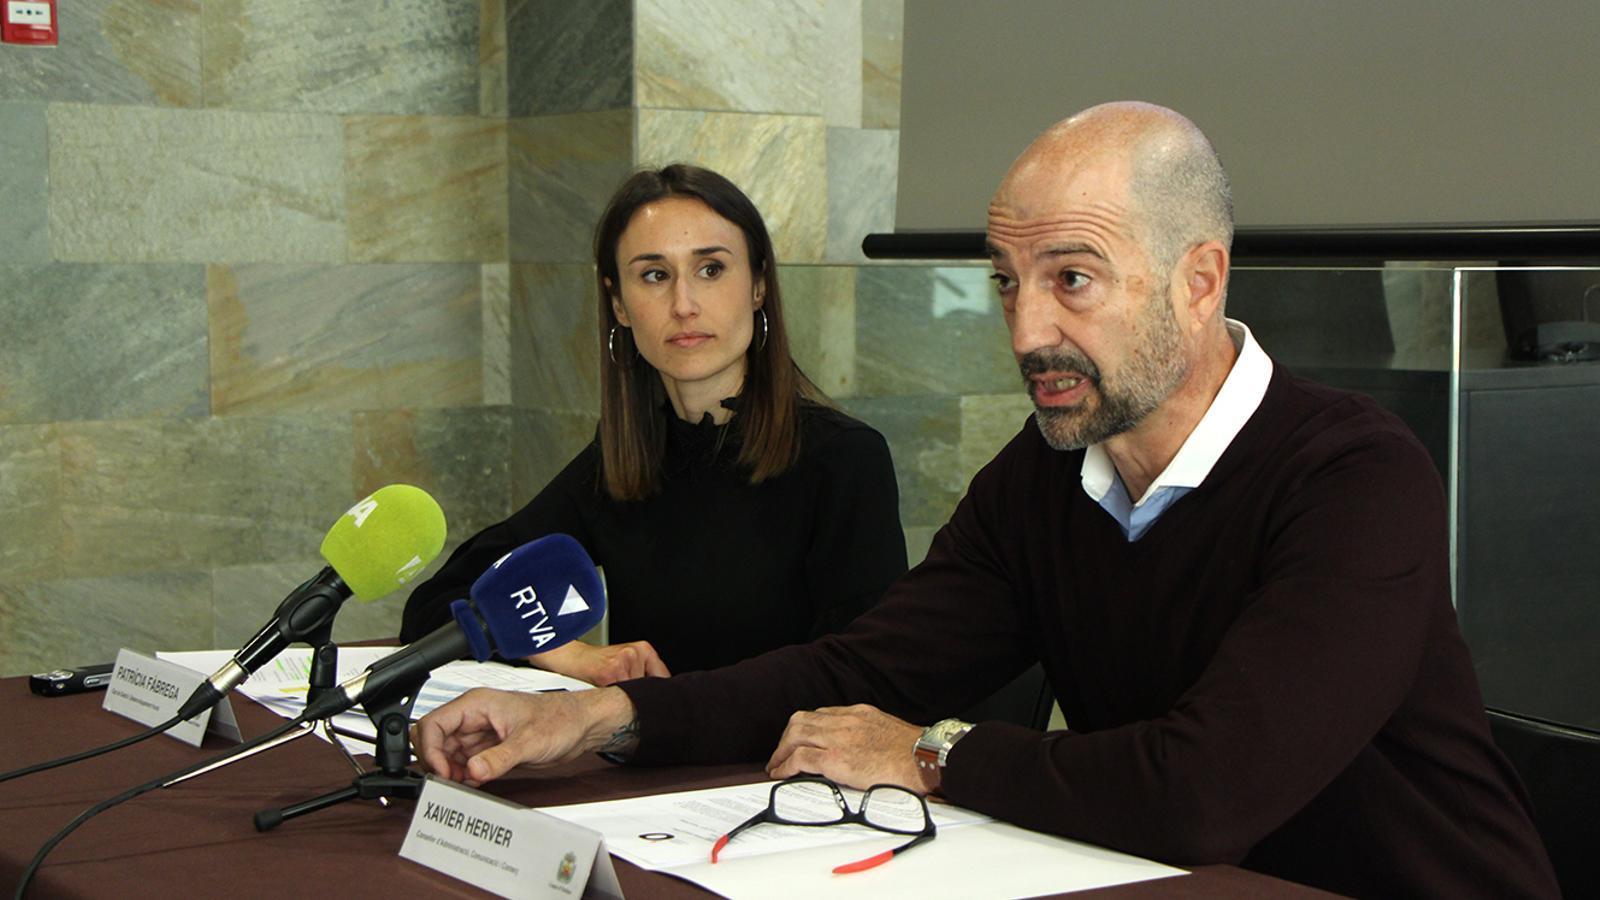 La cap de Gestió de Desenvolupament Humà, Patrícia Fàbrega, i el conseller d'Administració, Comunicació i Comerç, Xavier Herver, durant la roda de premsa. / M. M. (ANA)